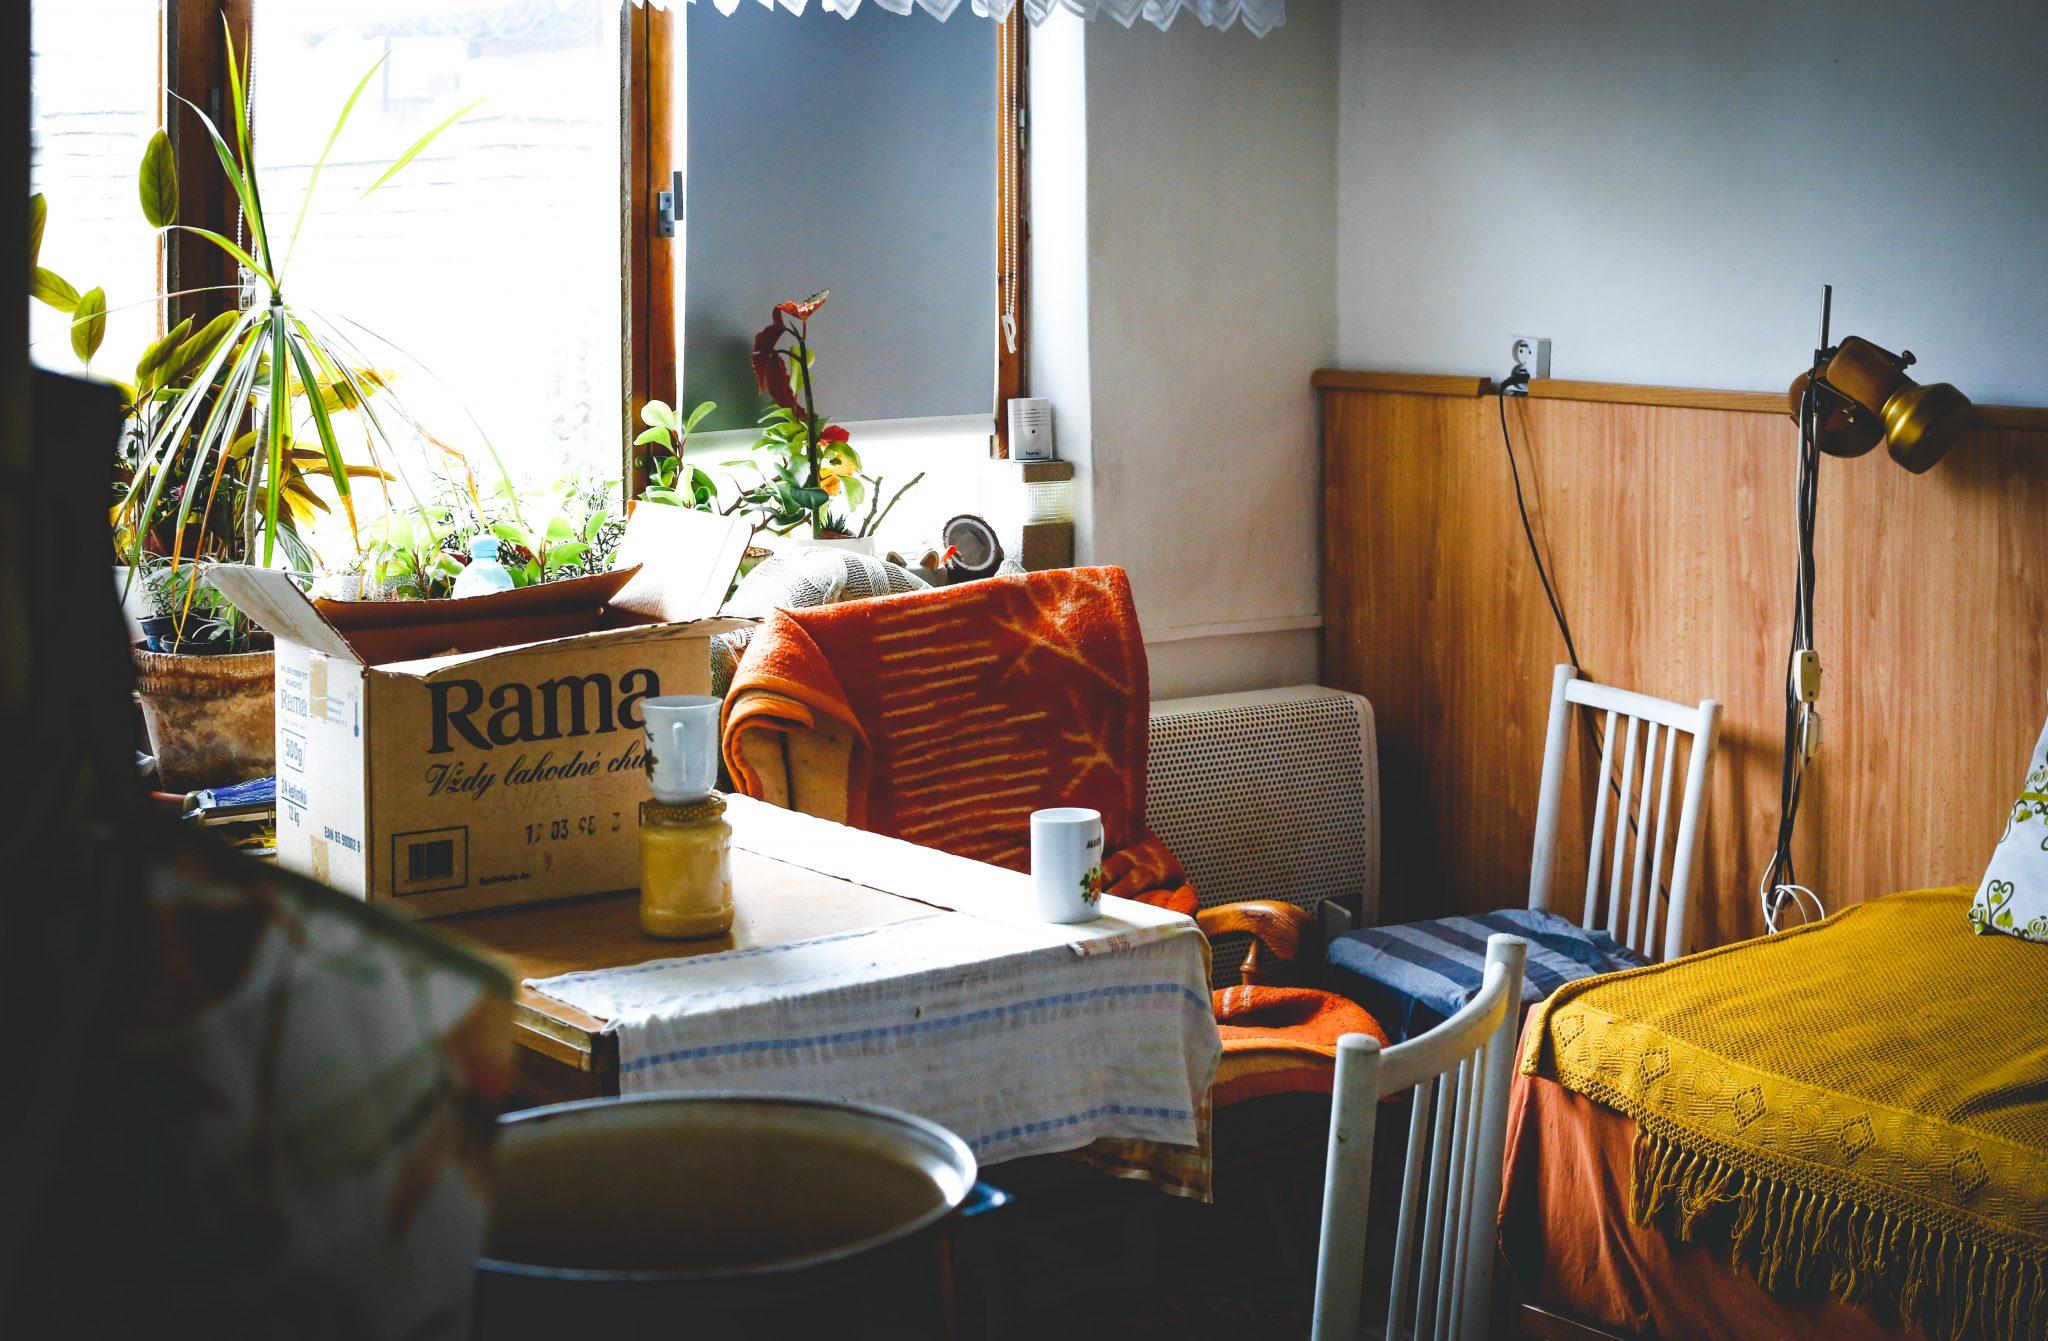 Küchentisch am Fenster